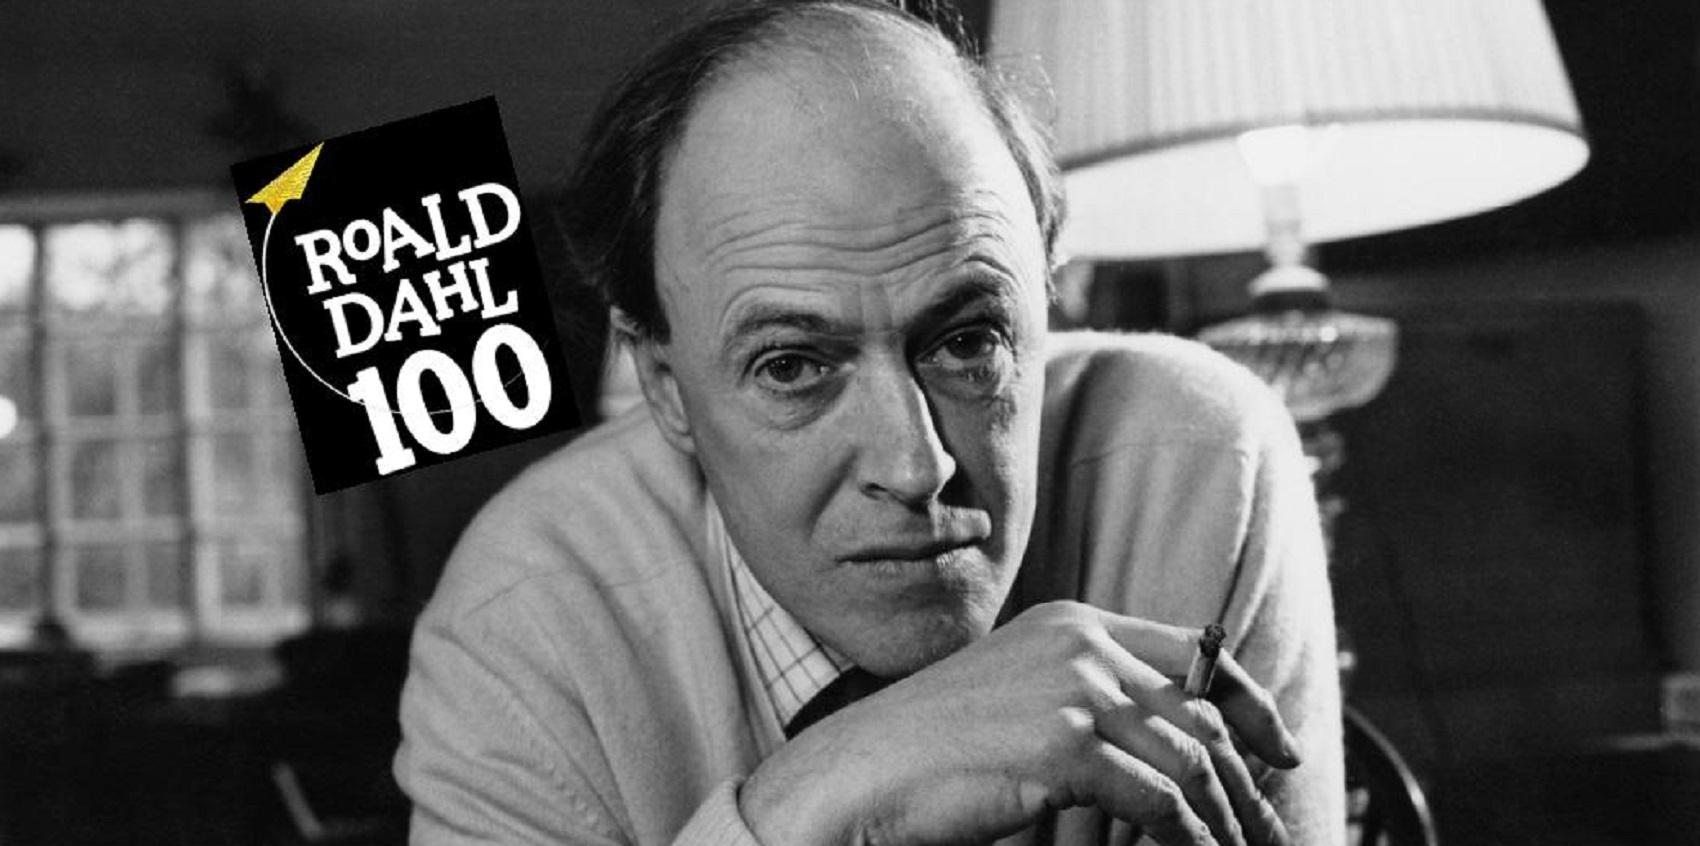 """I 100 anni di Roald Dahl: """"Il GGG"""" e la trasposizione cinematografica di Quentin Blake e Steven Spielberg"""